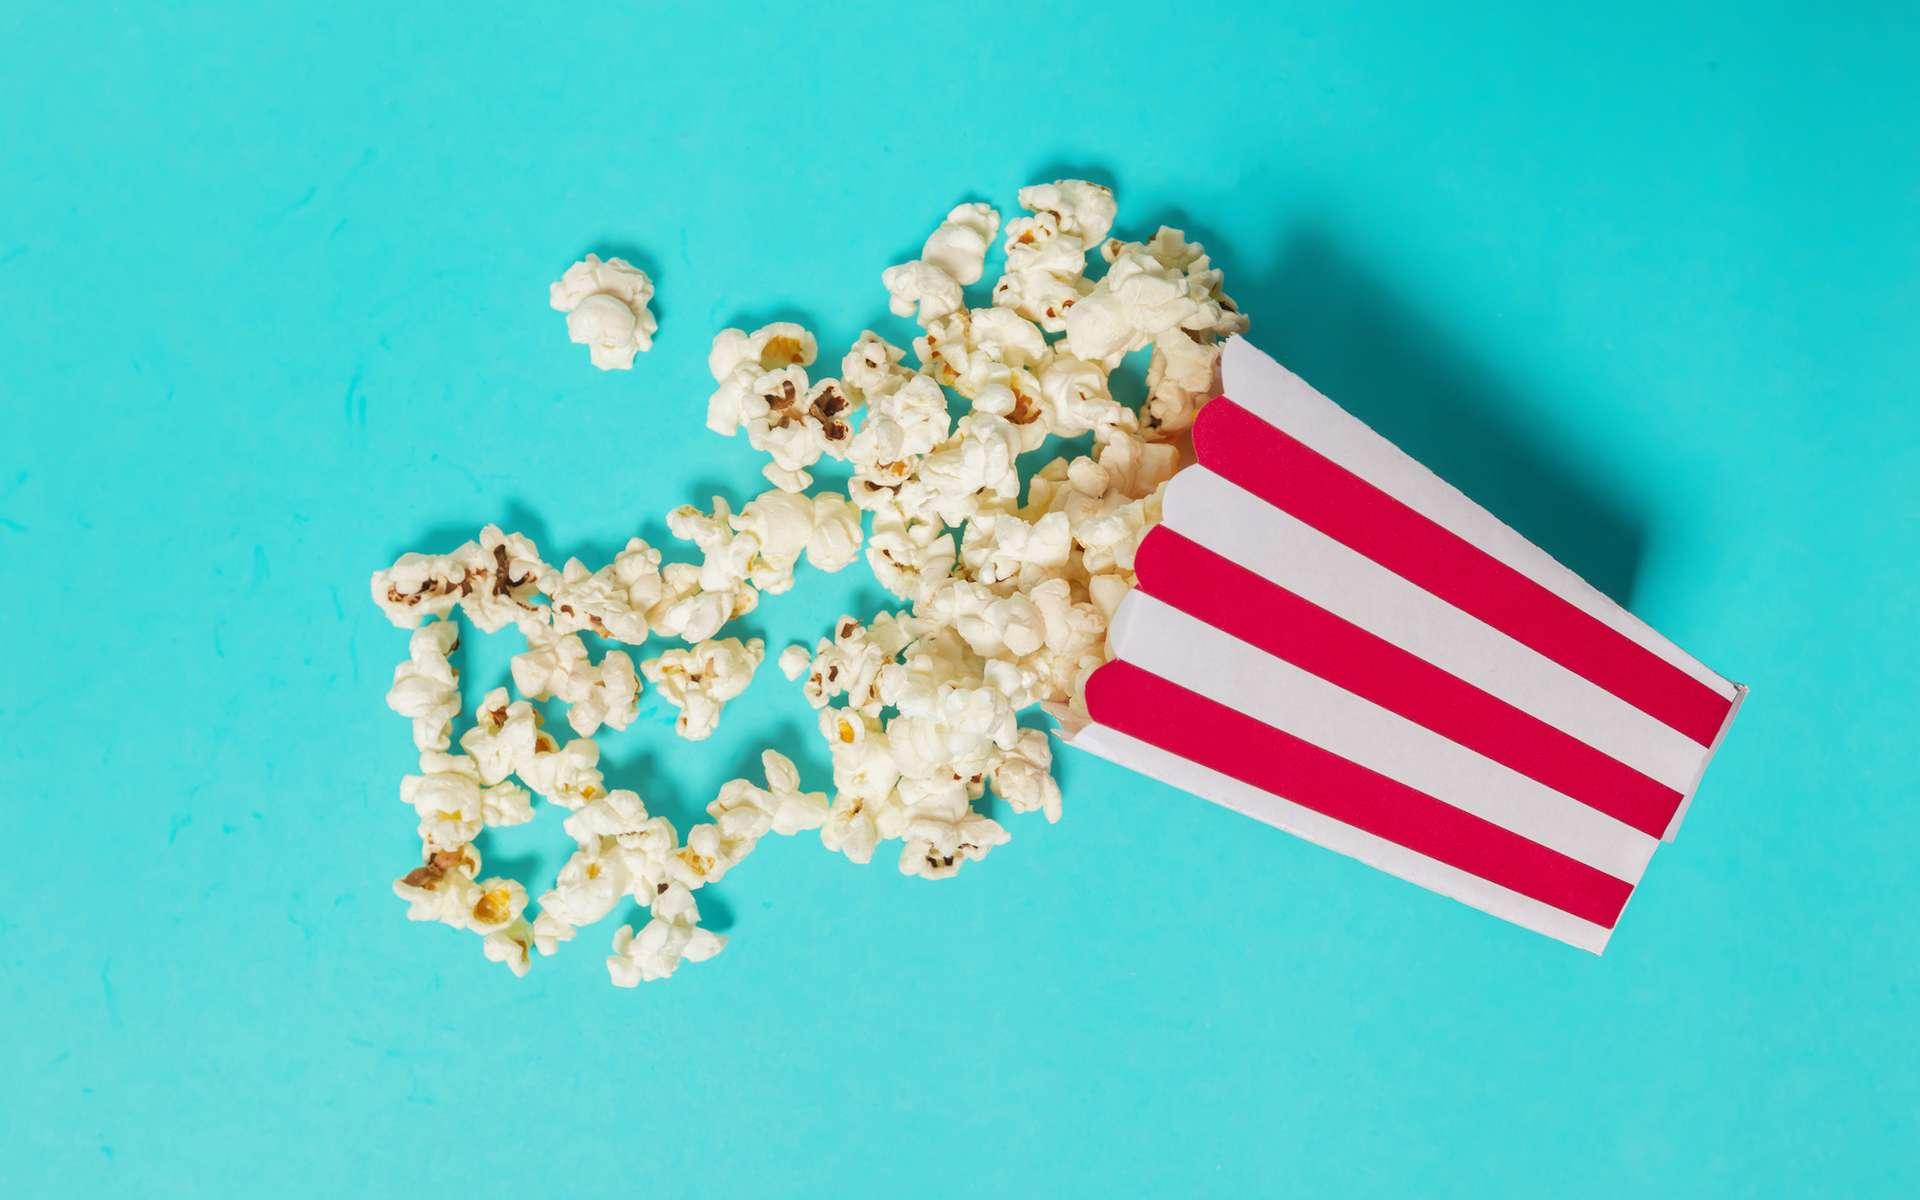 Quand le pop-corn peut gravement nuire à la santé... © fotofabrika, Adobe Stock